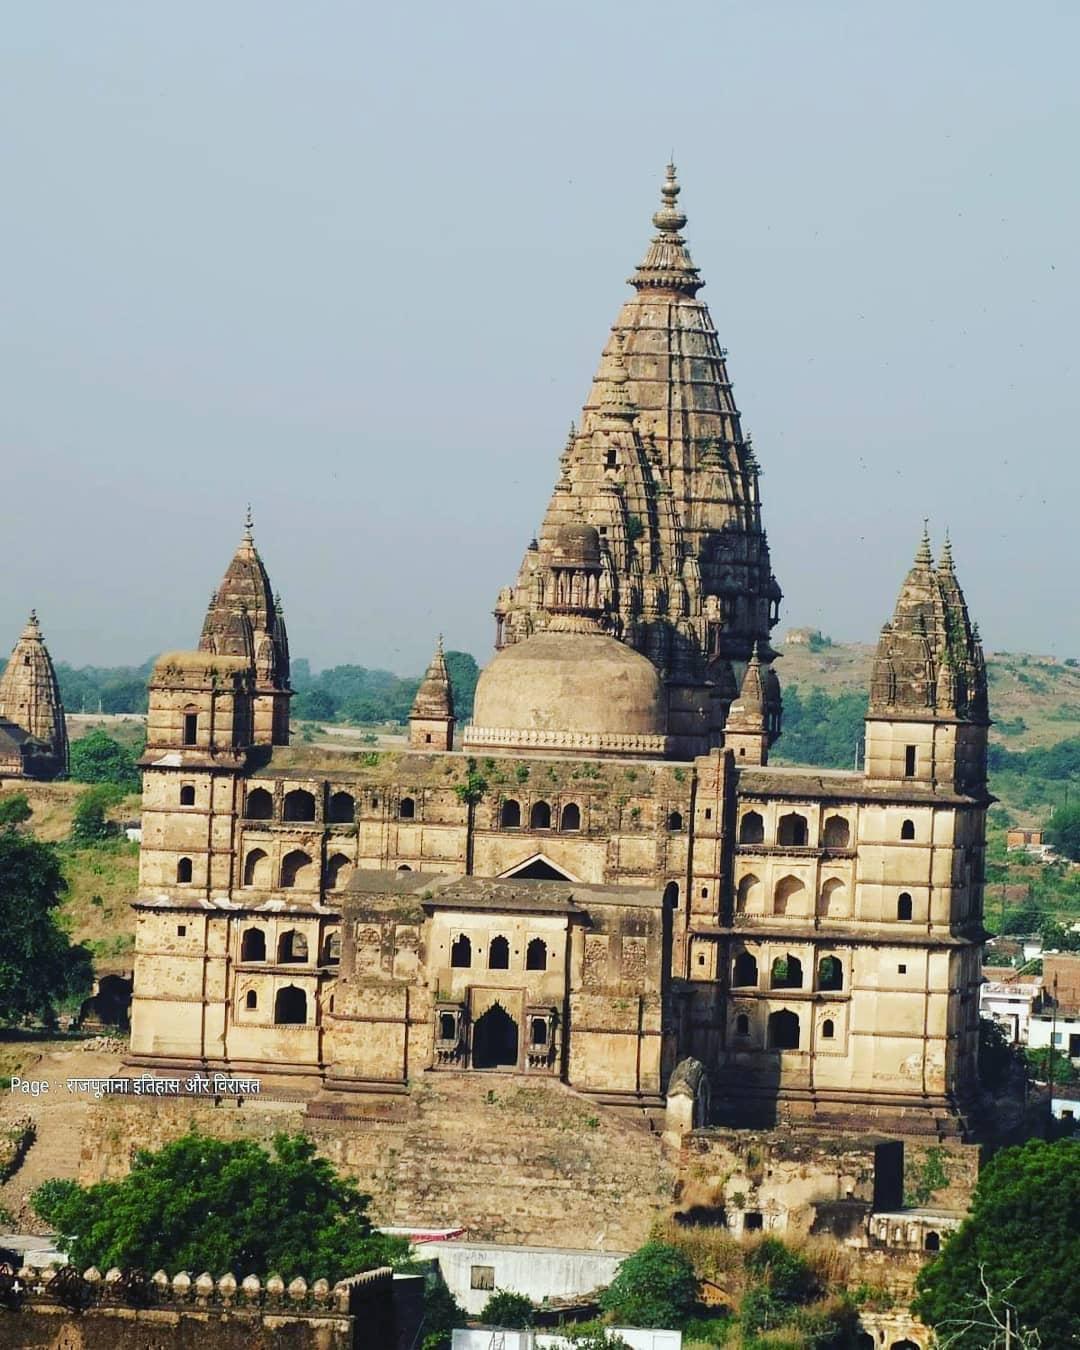 चतुर्भुज मंदिर (ओरछा - मध्य प्रदेश)  इस मंदिर का निर्माण ओरछा के शासक मधुकर शाह ...